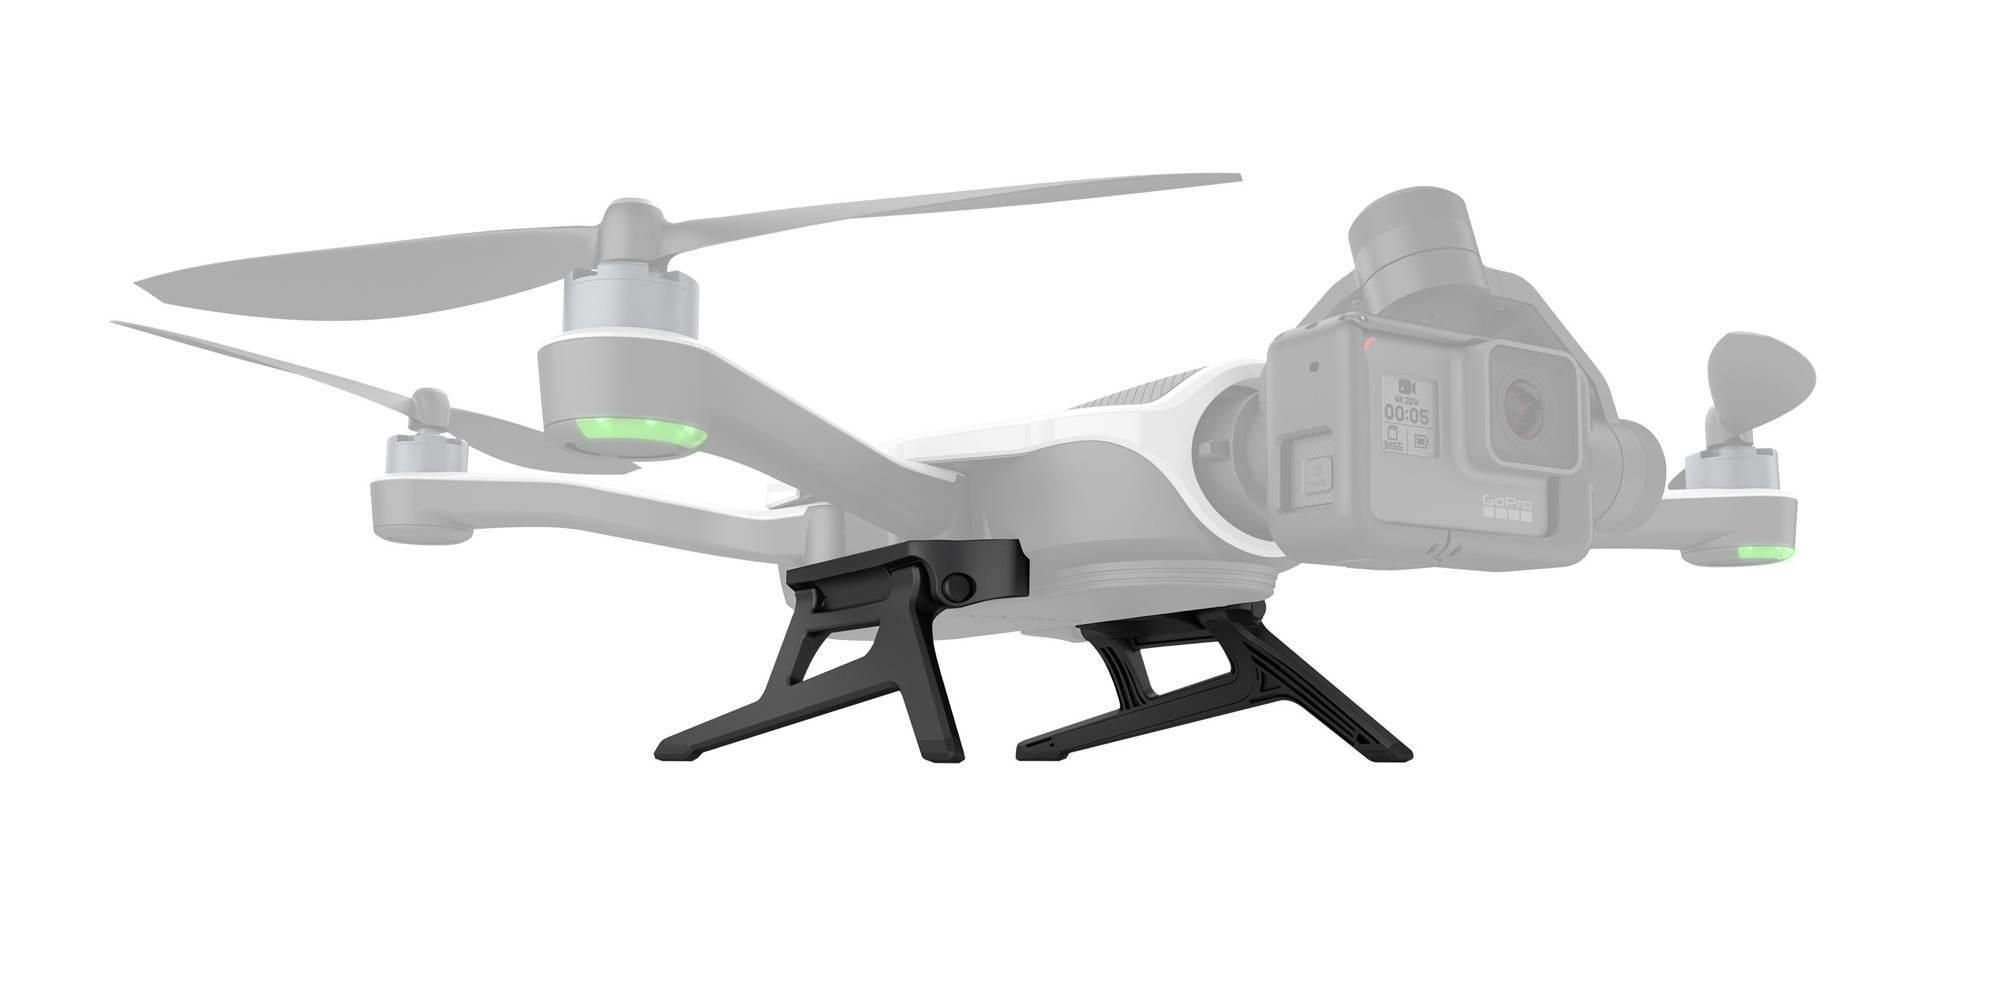 Шасси для квадрокоптера GoPro Karma Replacement Landing Gear (RQSGR-001) на дроне